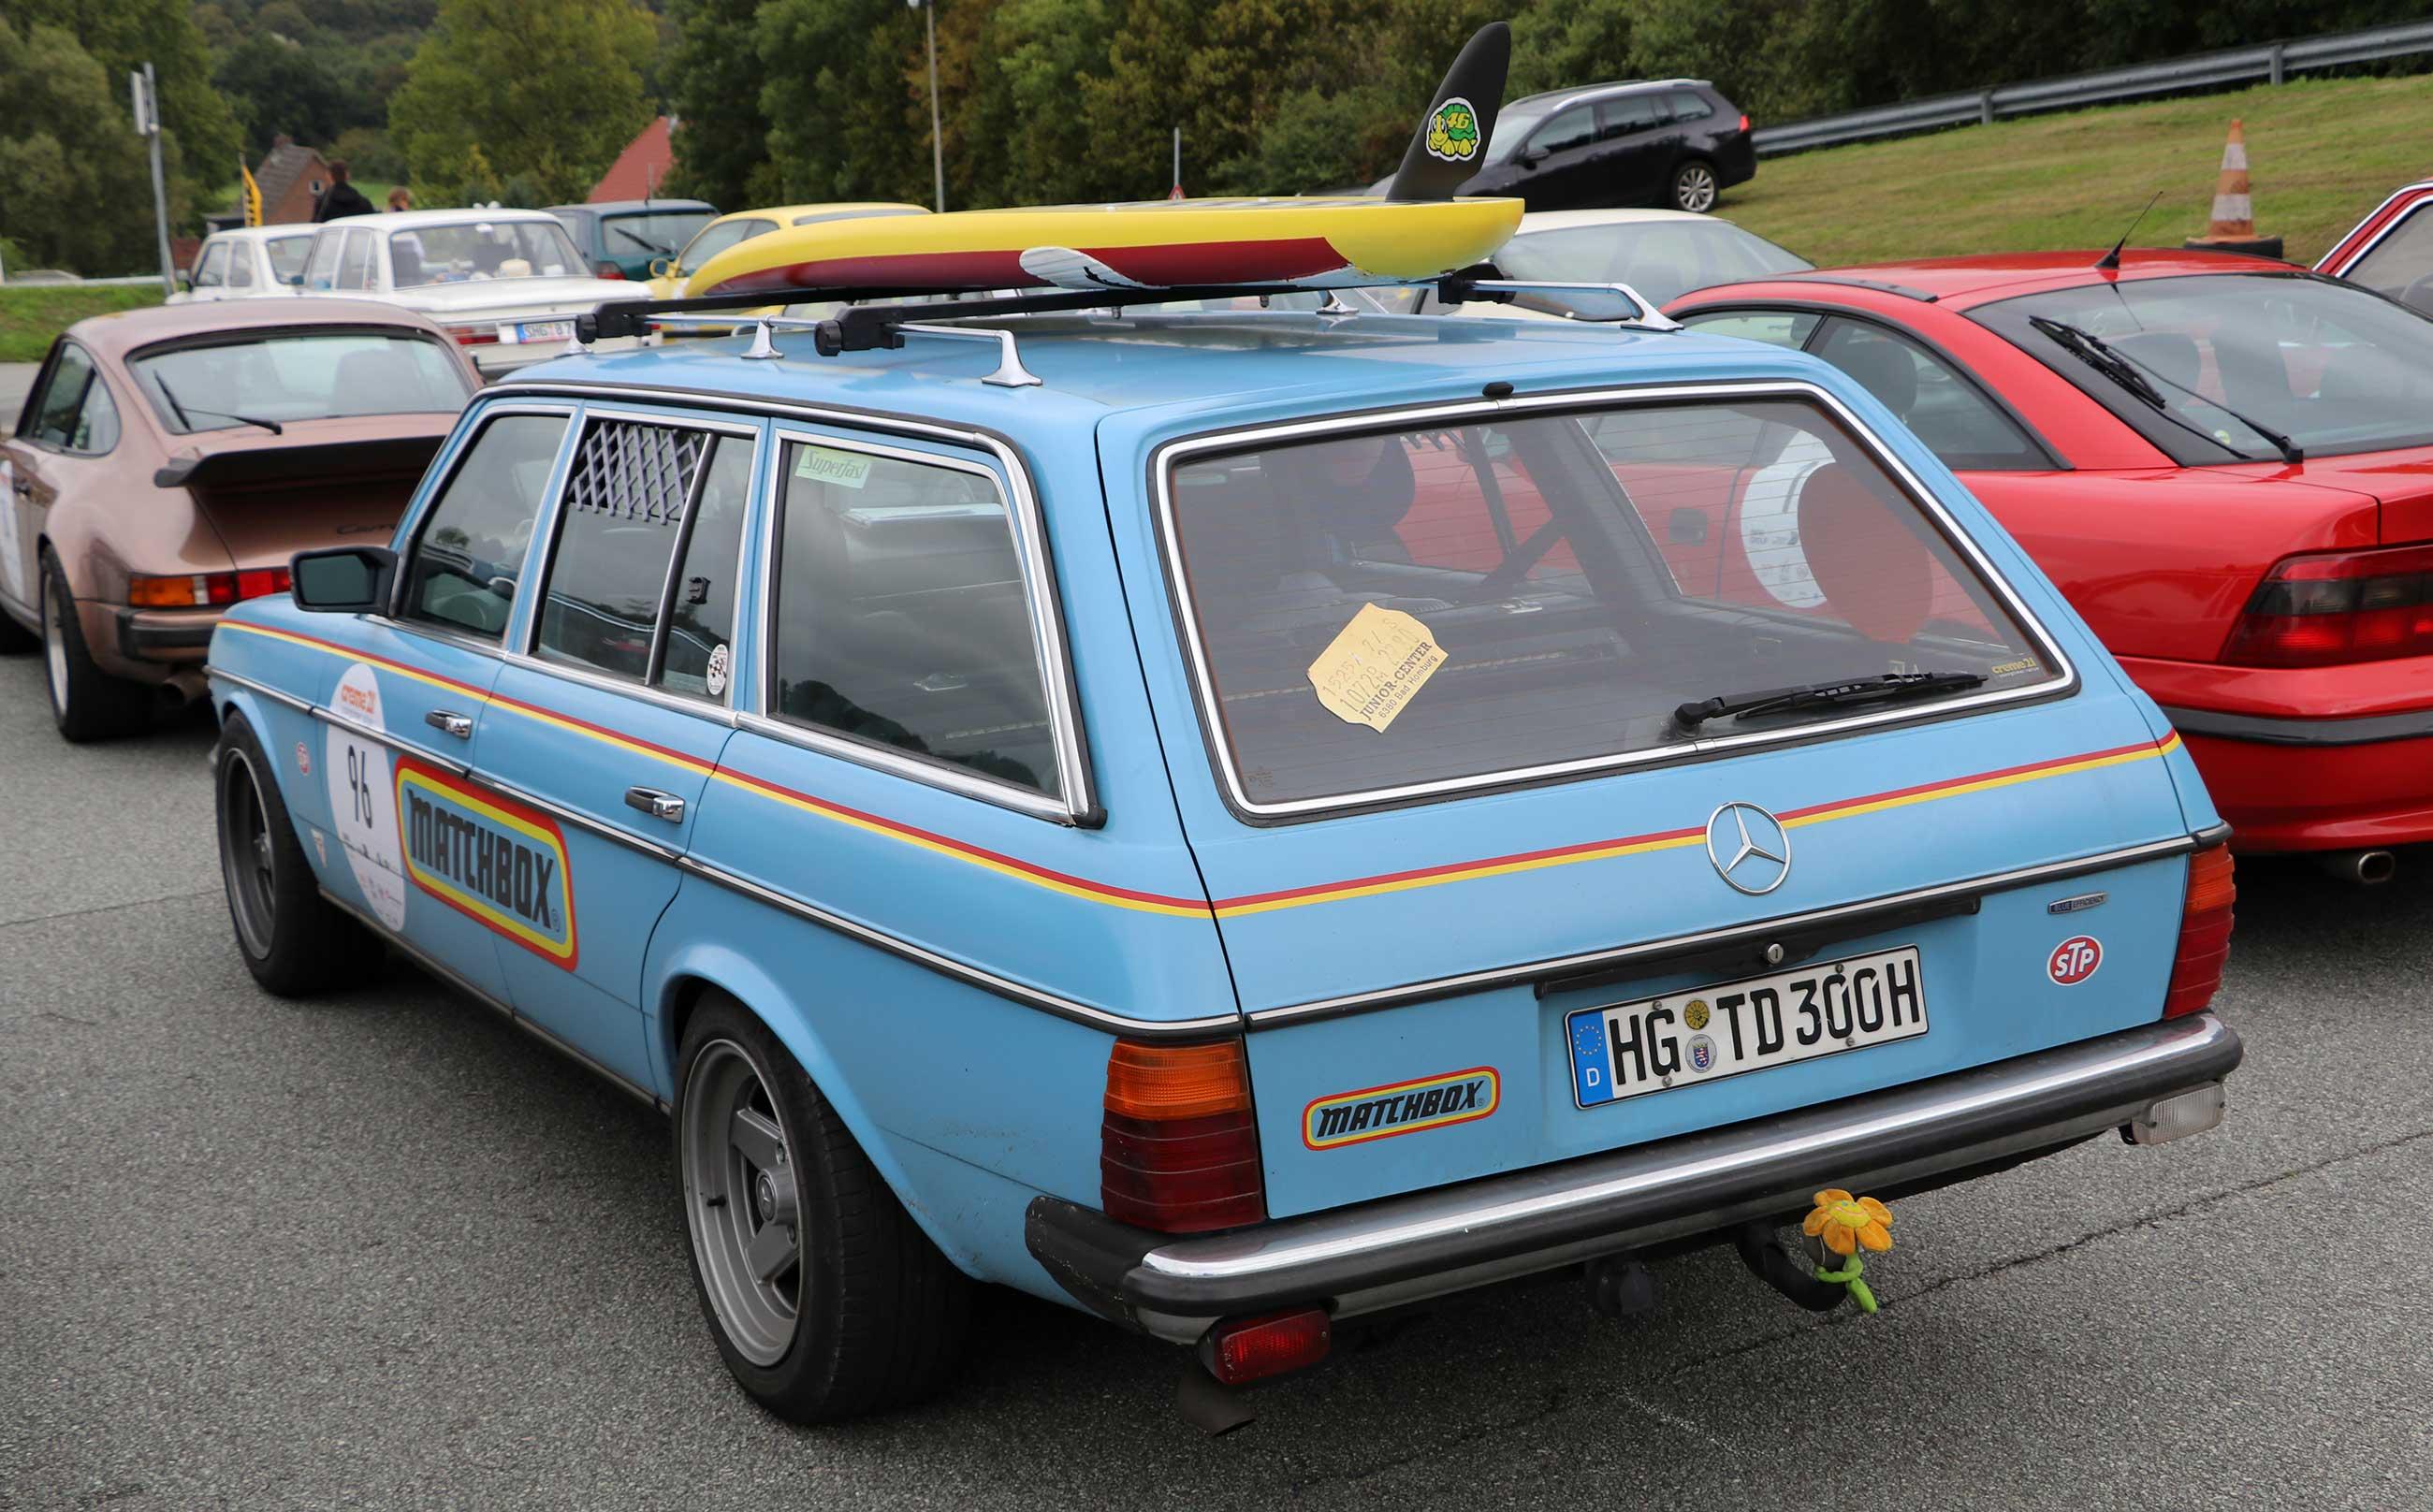 Bericht: Meine Teilnahme an der Creme 21 Youngtimer Rallye 2019 Creme-21-Youngtimer-Rallye-2019_Nachbericht_93